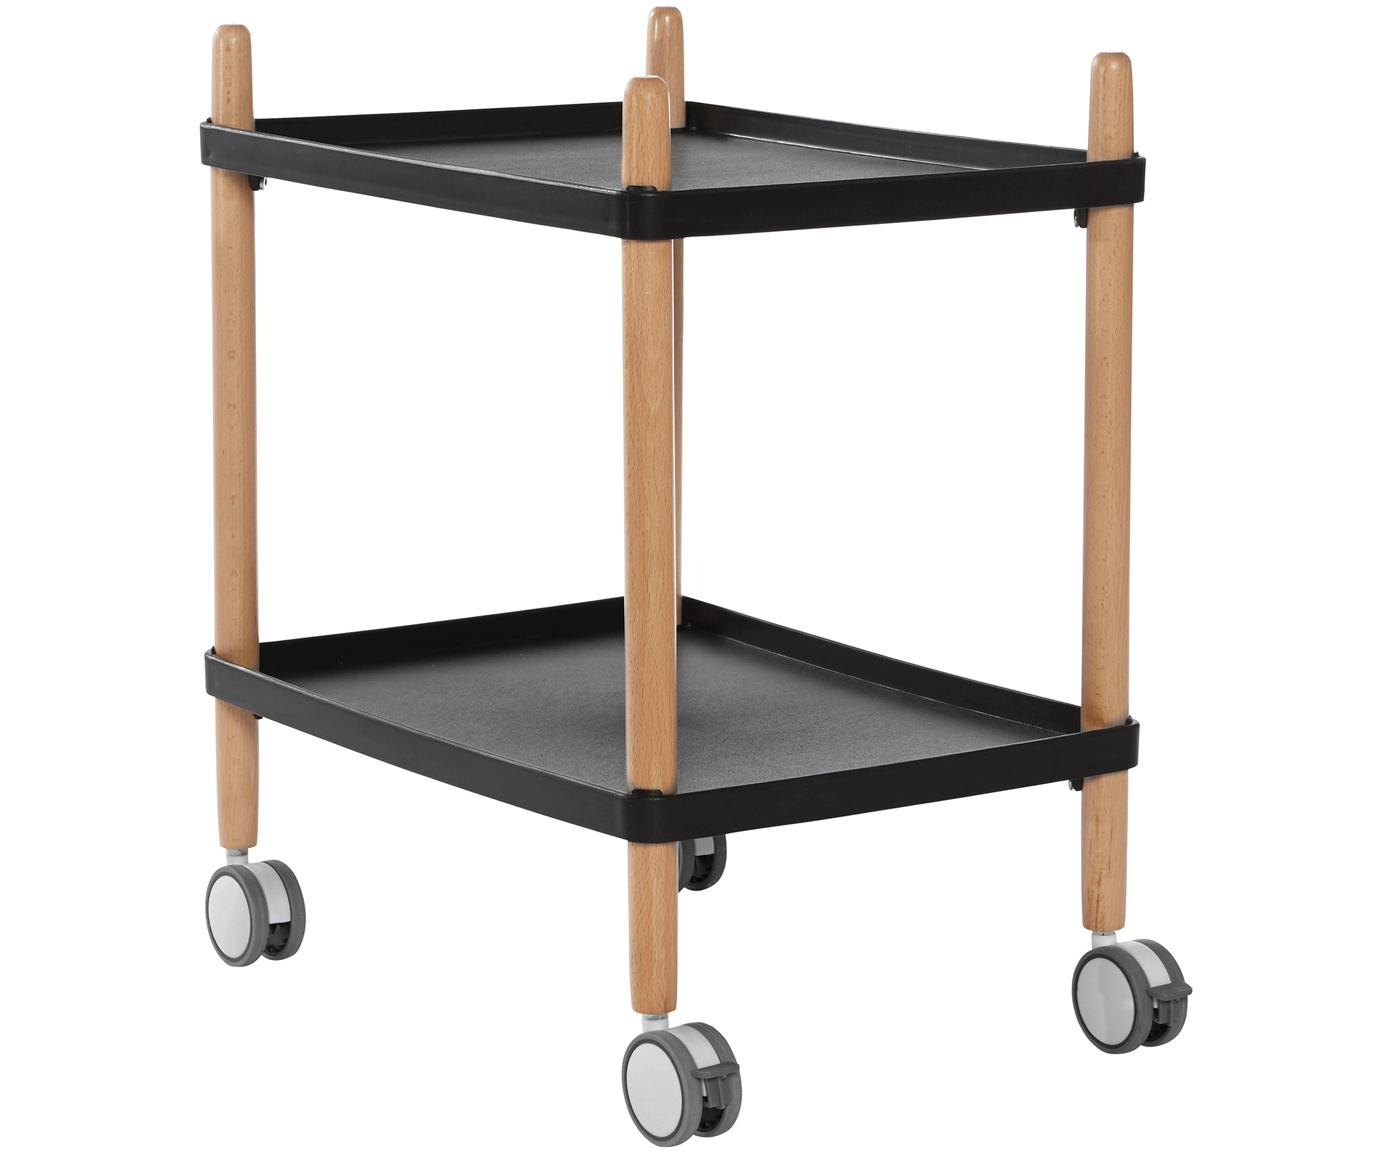 Skandi Servierwagen Åsa, Gestell: Buchenholz, beschichtet, Rollen: Kunststoff, Schwarz, Buchenholz, 50 x 60 cm